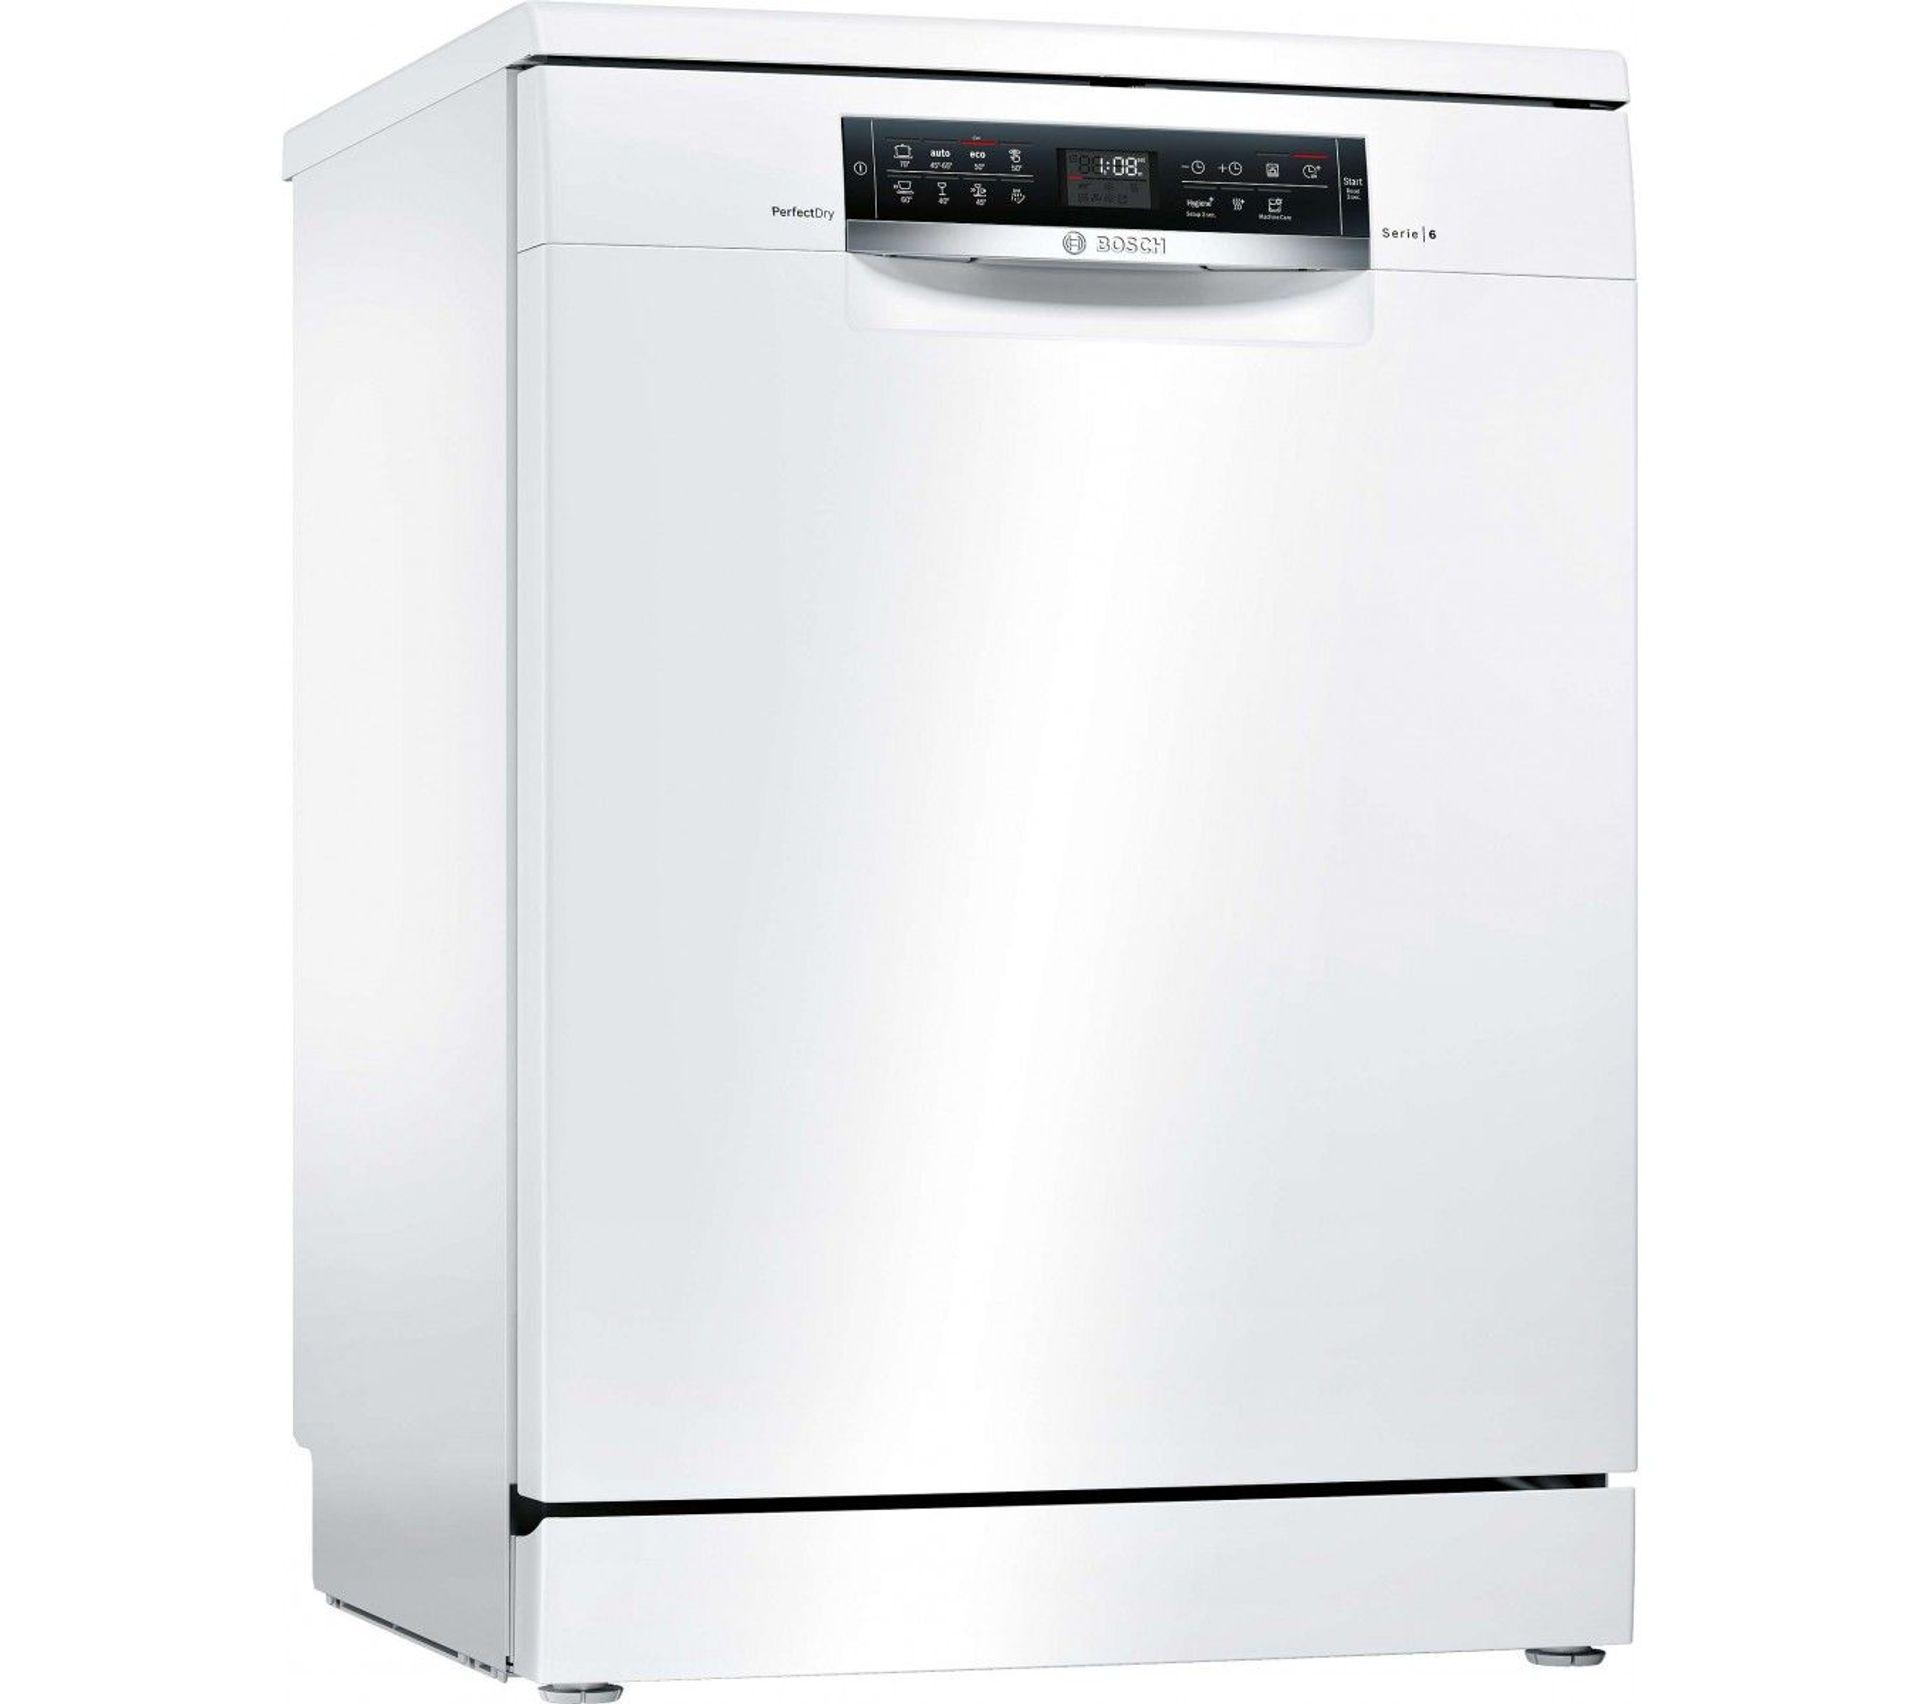 Filtre Piscine Lave Vaisselle lave vaisselle pose libre 14 couverts 40 db a+++ - sms68mw05e